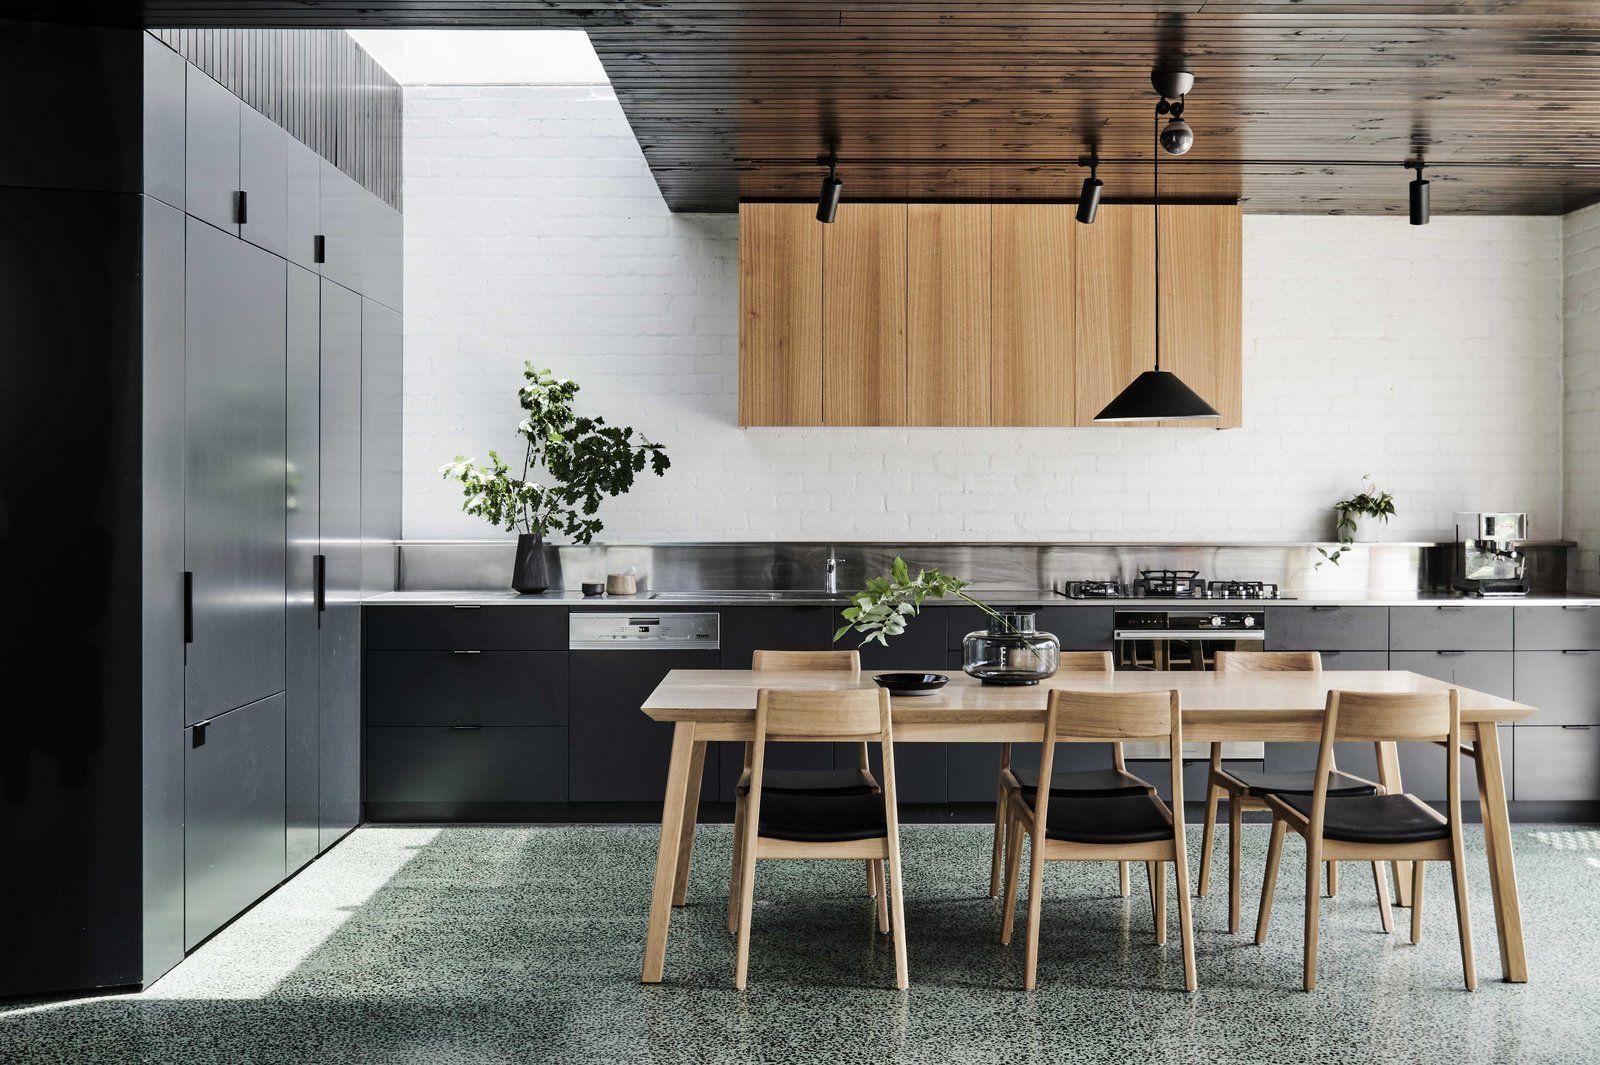 Kitchen Ceiling Lighting Range Wall Oven Range Hood Terrazzo Floor Drop In Sink Brick Backsplashe R Kitchen Sink Design Timeless Kitchen Modern Kitchen